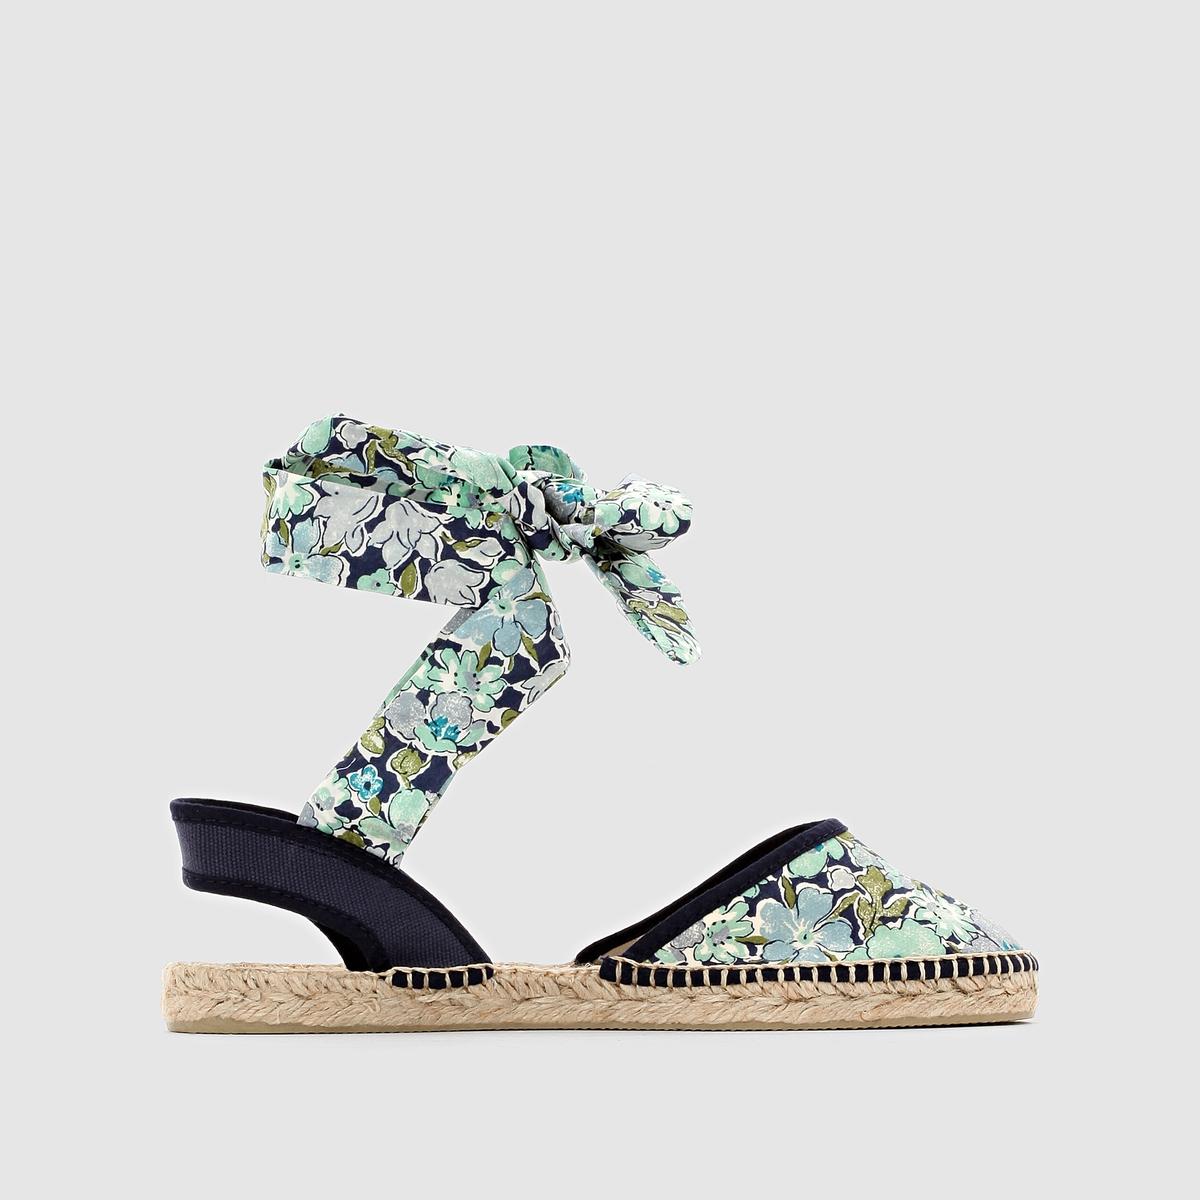 Эспадрильи PARE GABIA BEAUTEPare Gabia означает слово несравненный на баскском языке, и оно прекрасно сочетается с этой отличной обувью, произведенной с любовью и по всем необходимым стандартам... Эти эспадрильи с рисунком и настолько женственной застежкой вокруг щиколотки - прекрасный тому пример ! Невероятно красивый и яркий цветочный мотив придаст нашему образу и наряду свежесть и изысканность  .<br><br>Цвет: синий/рисунок<br>Размер: 37